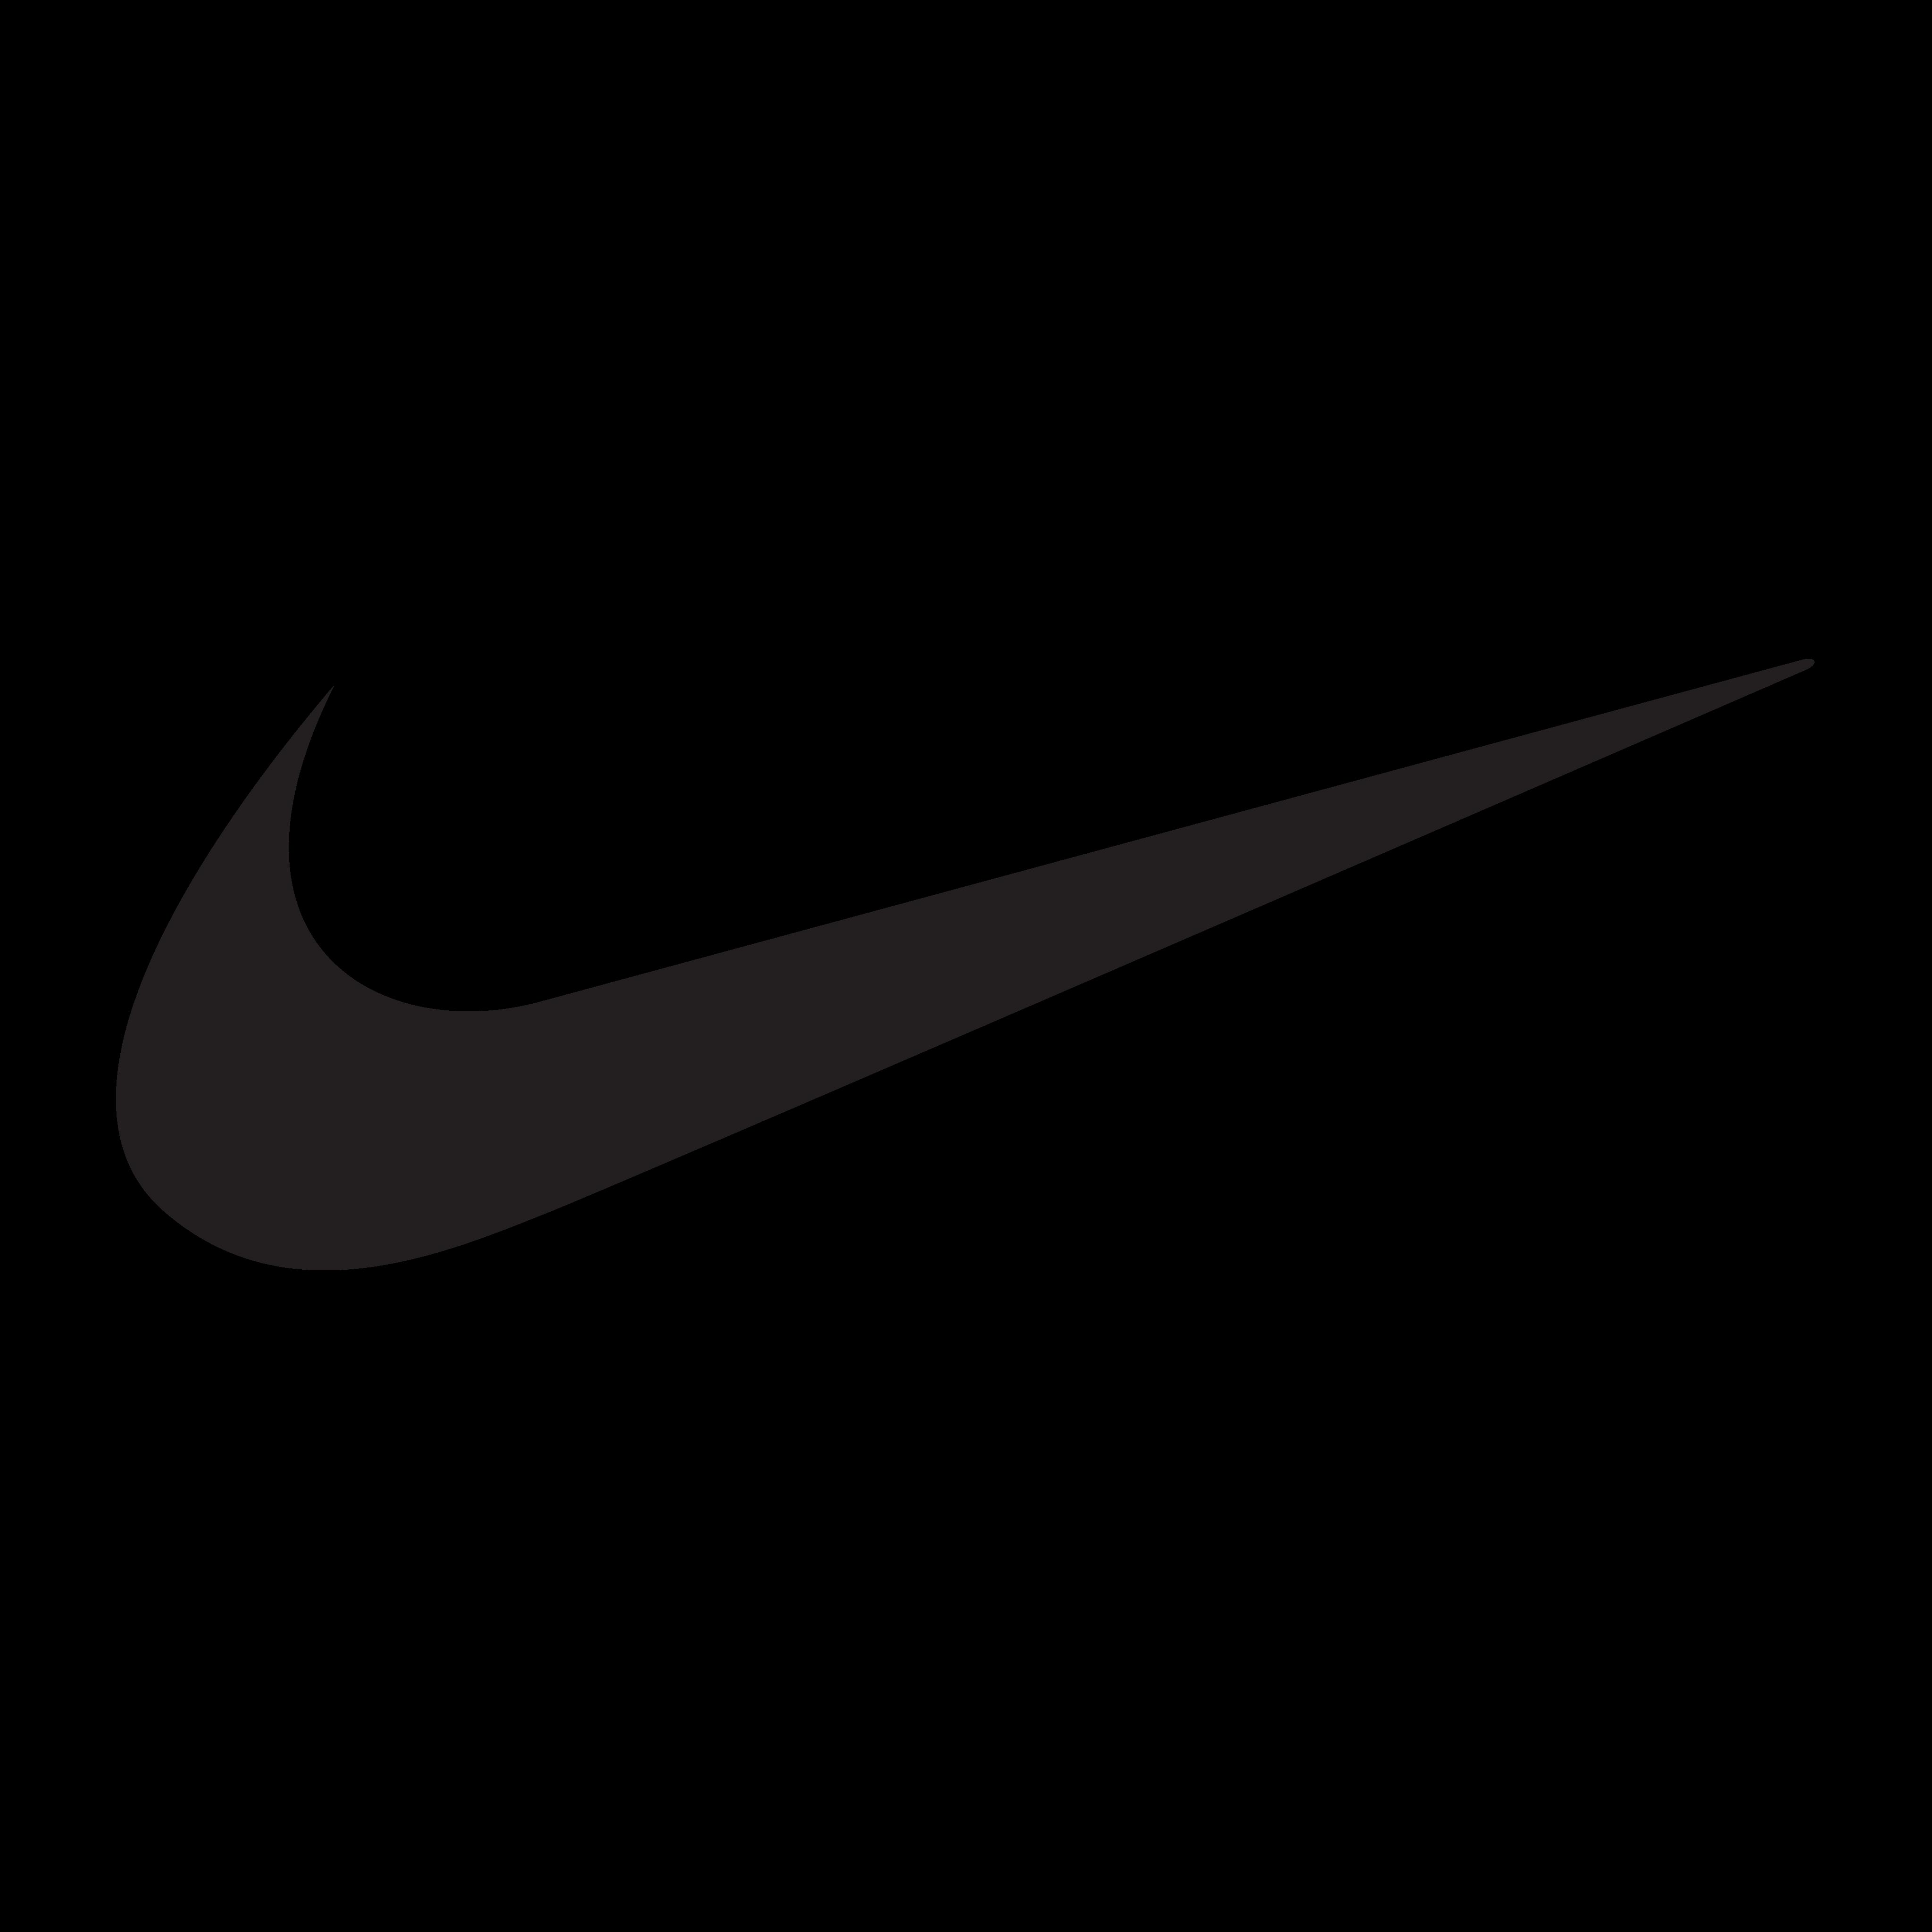 081c62dd629 Logo Nike – Logos PNG